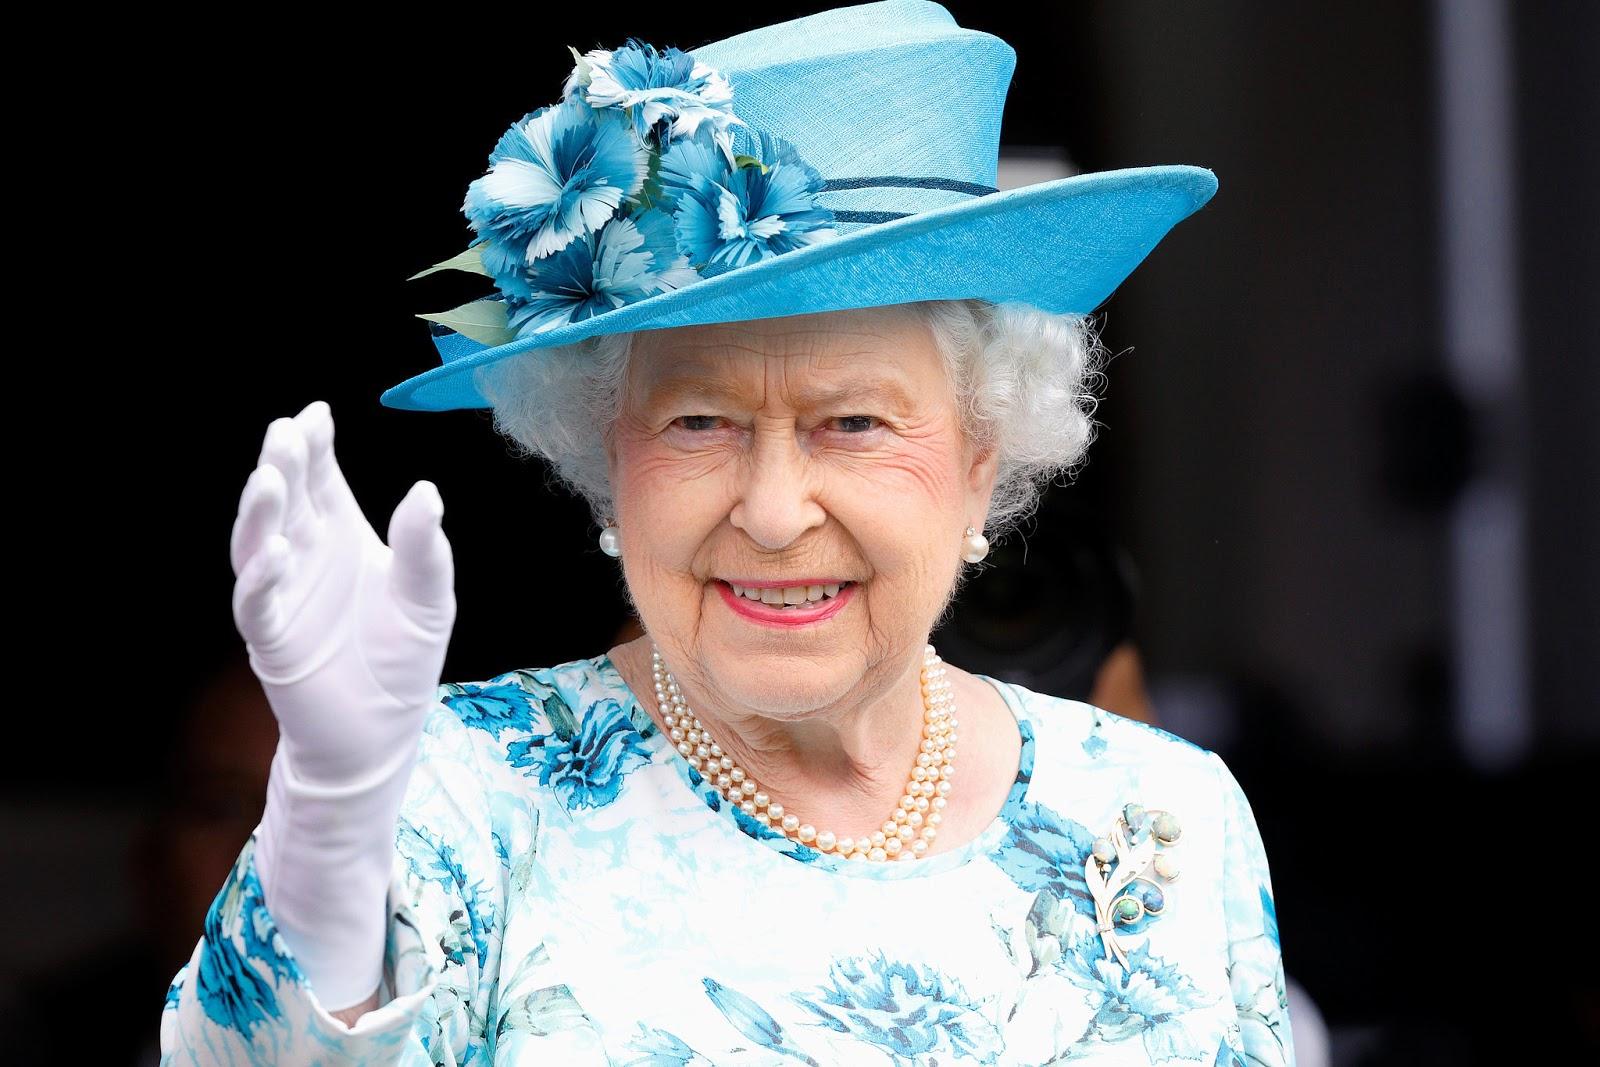 Досі в сідлі: 92-річна королева Єлизавета покаталася верхи (фото)